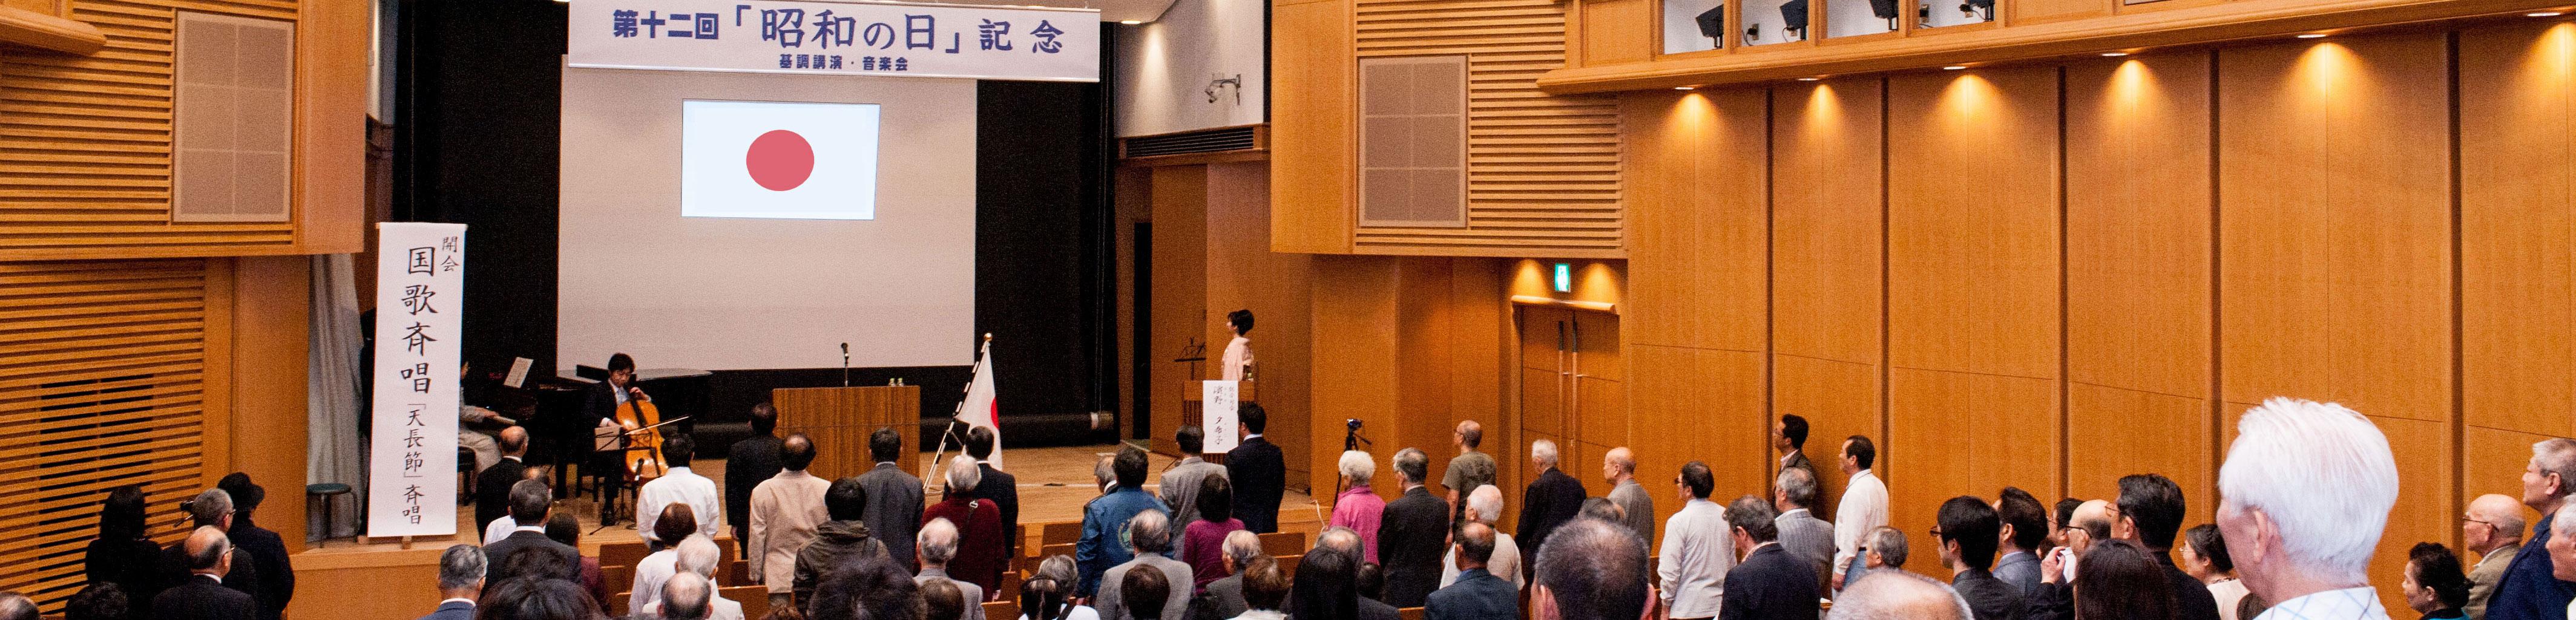 茨木市立福祉文化会館 202号室  |  会場  |  「昭和の日」記念行事実行委員会